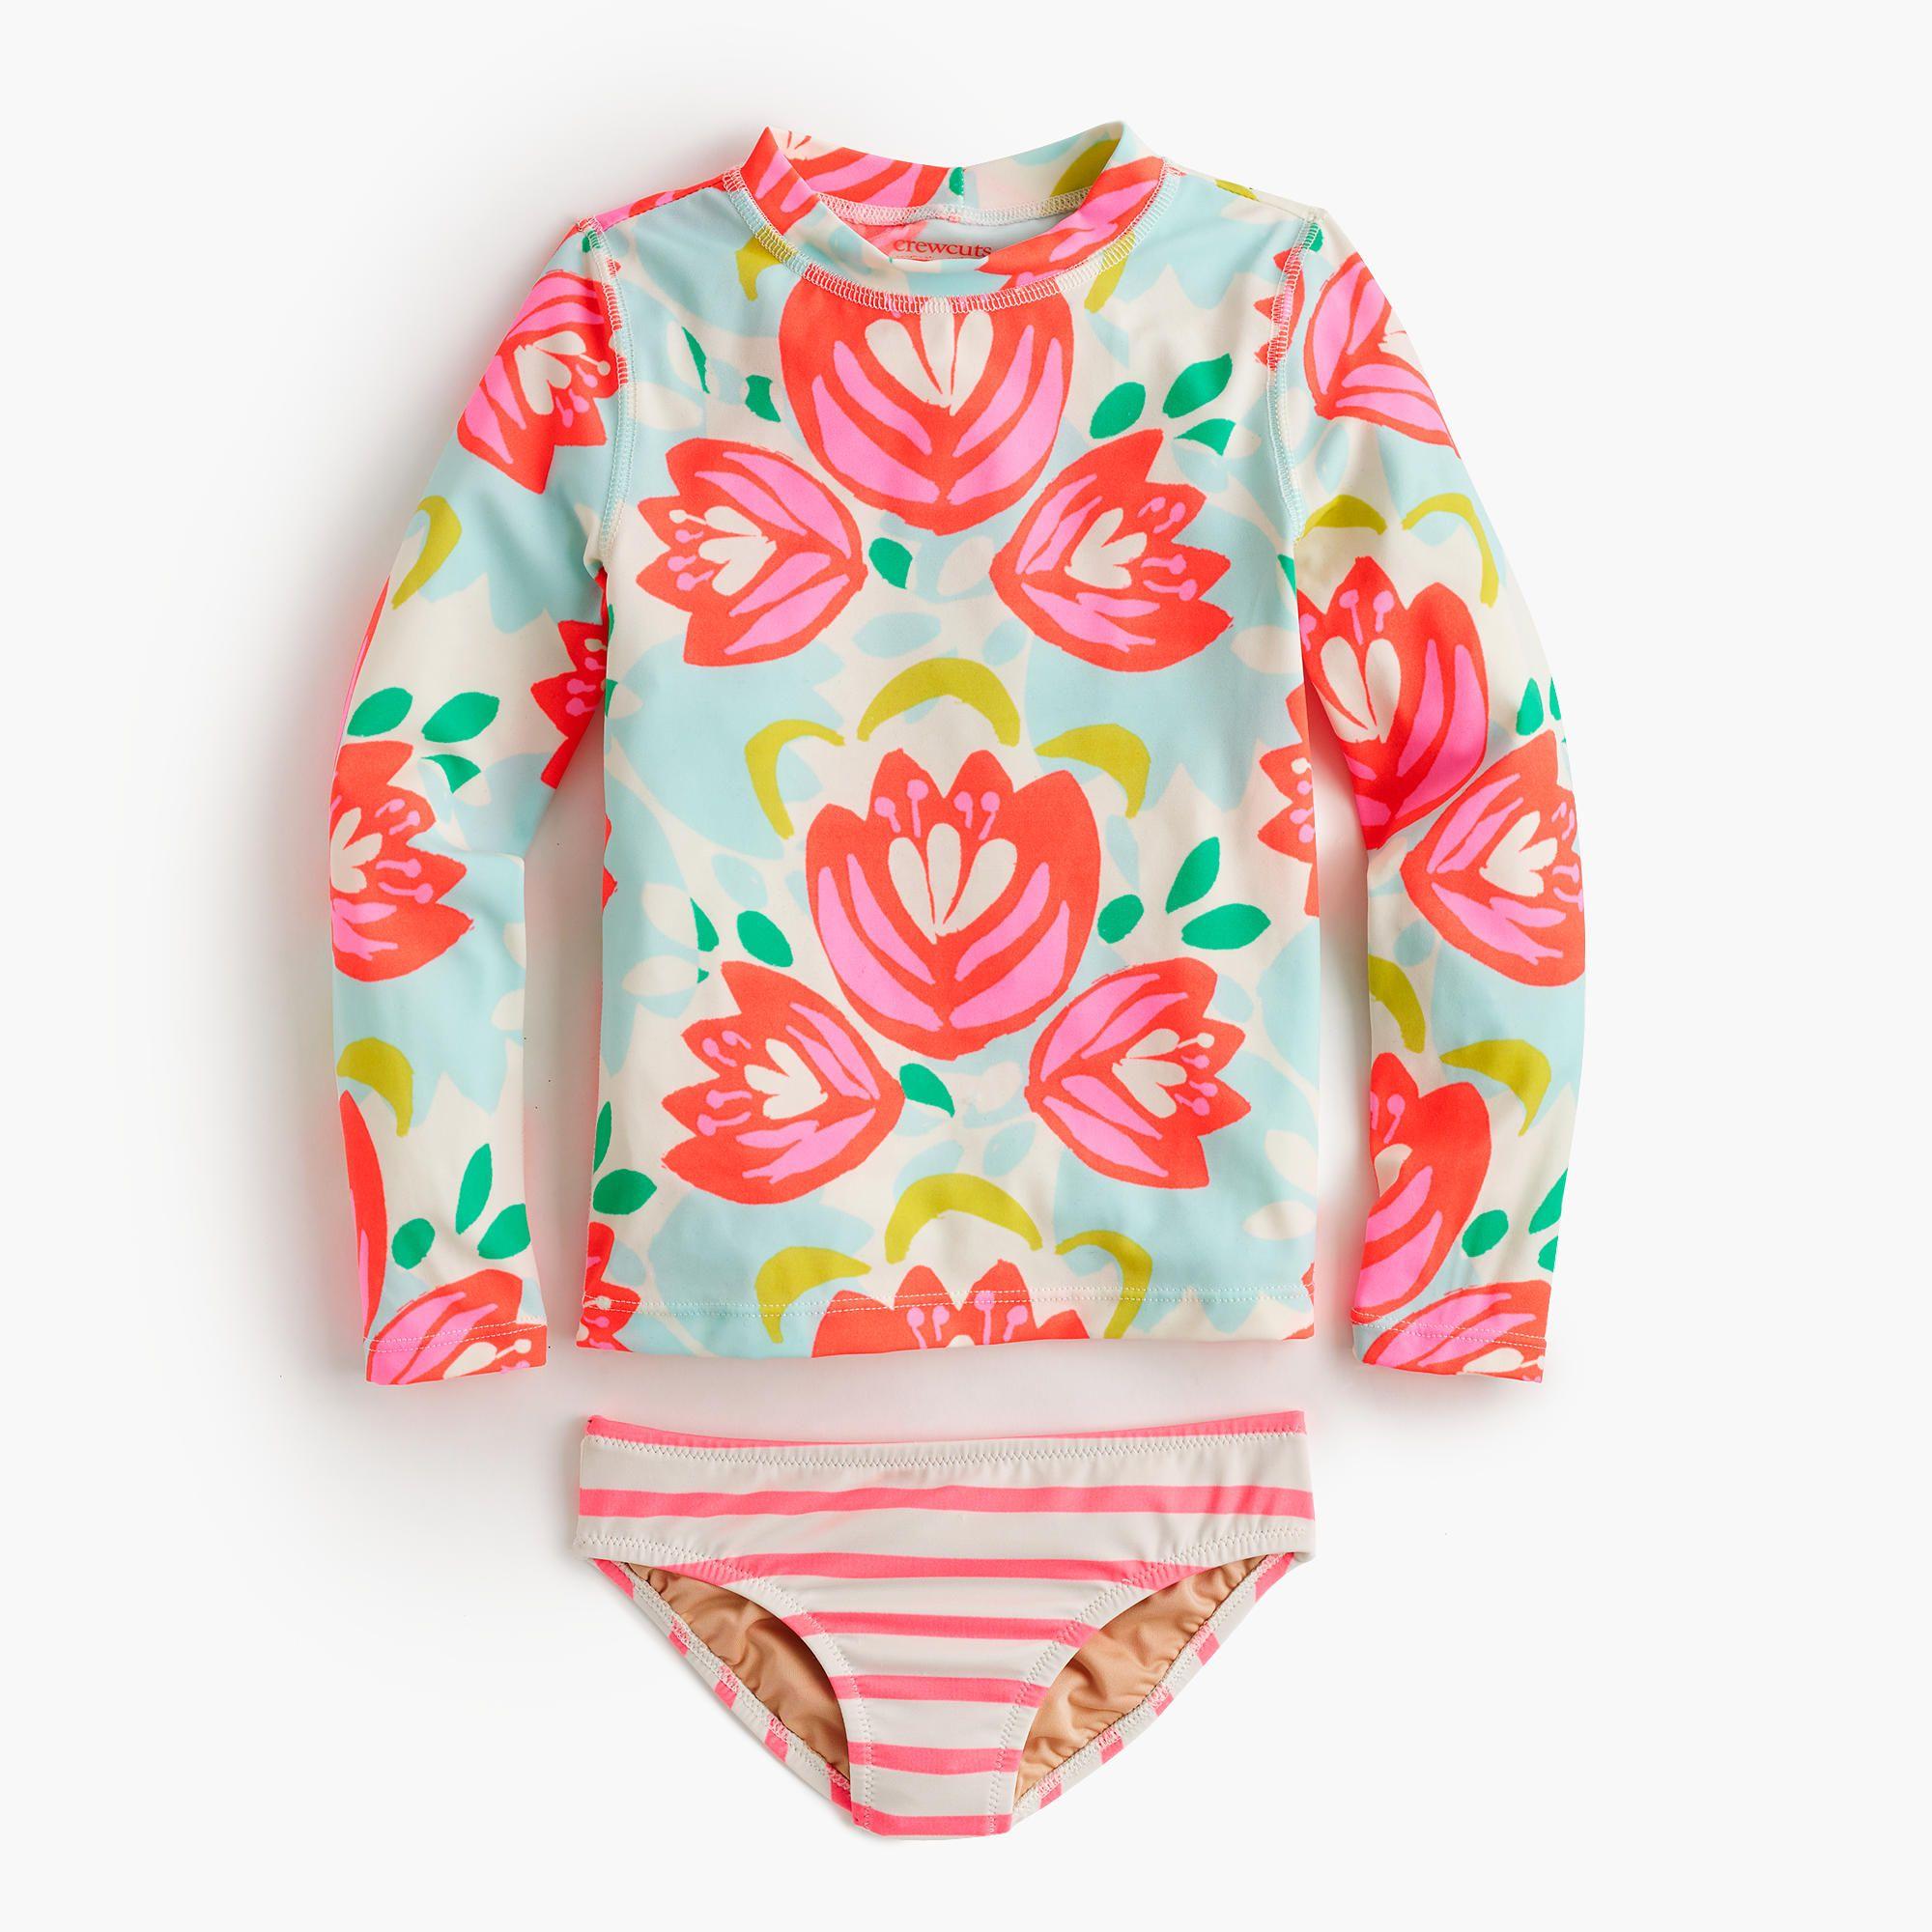 crewcuts Girls Rash Guard Bikini Set In Cactus Floral Size 8 Kid